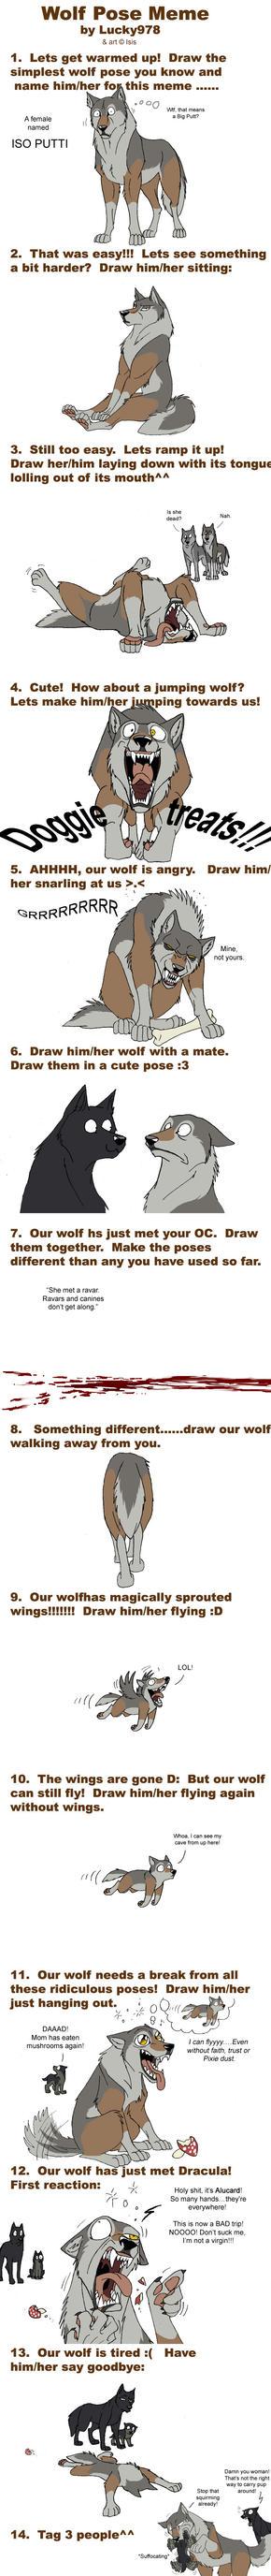 Wolf pose meme by IsisMasshiro